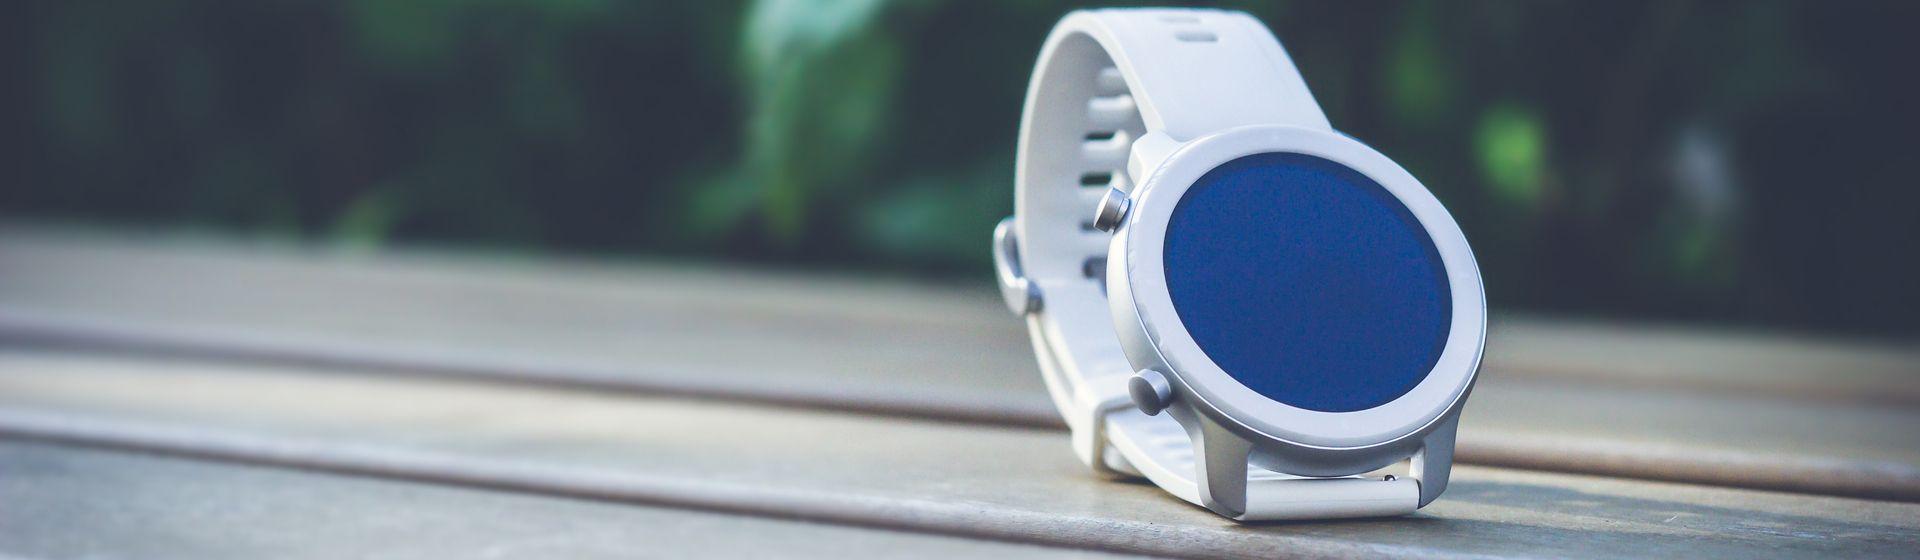 Smartwatch redondo: confira as melhores opções em 2021